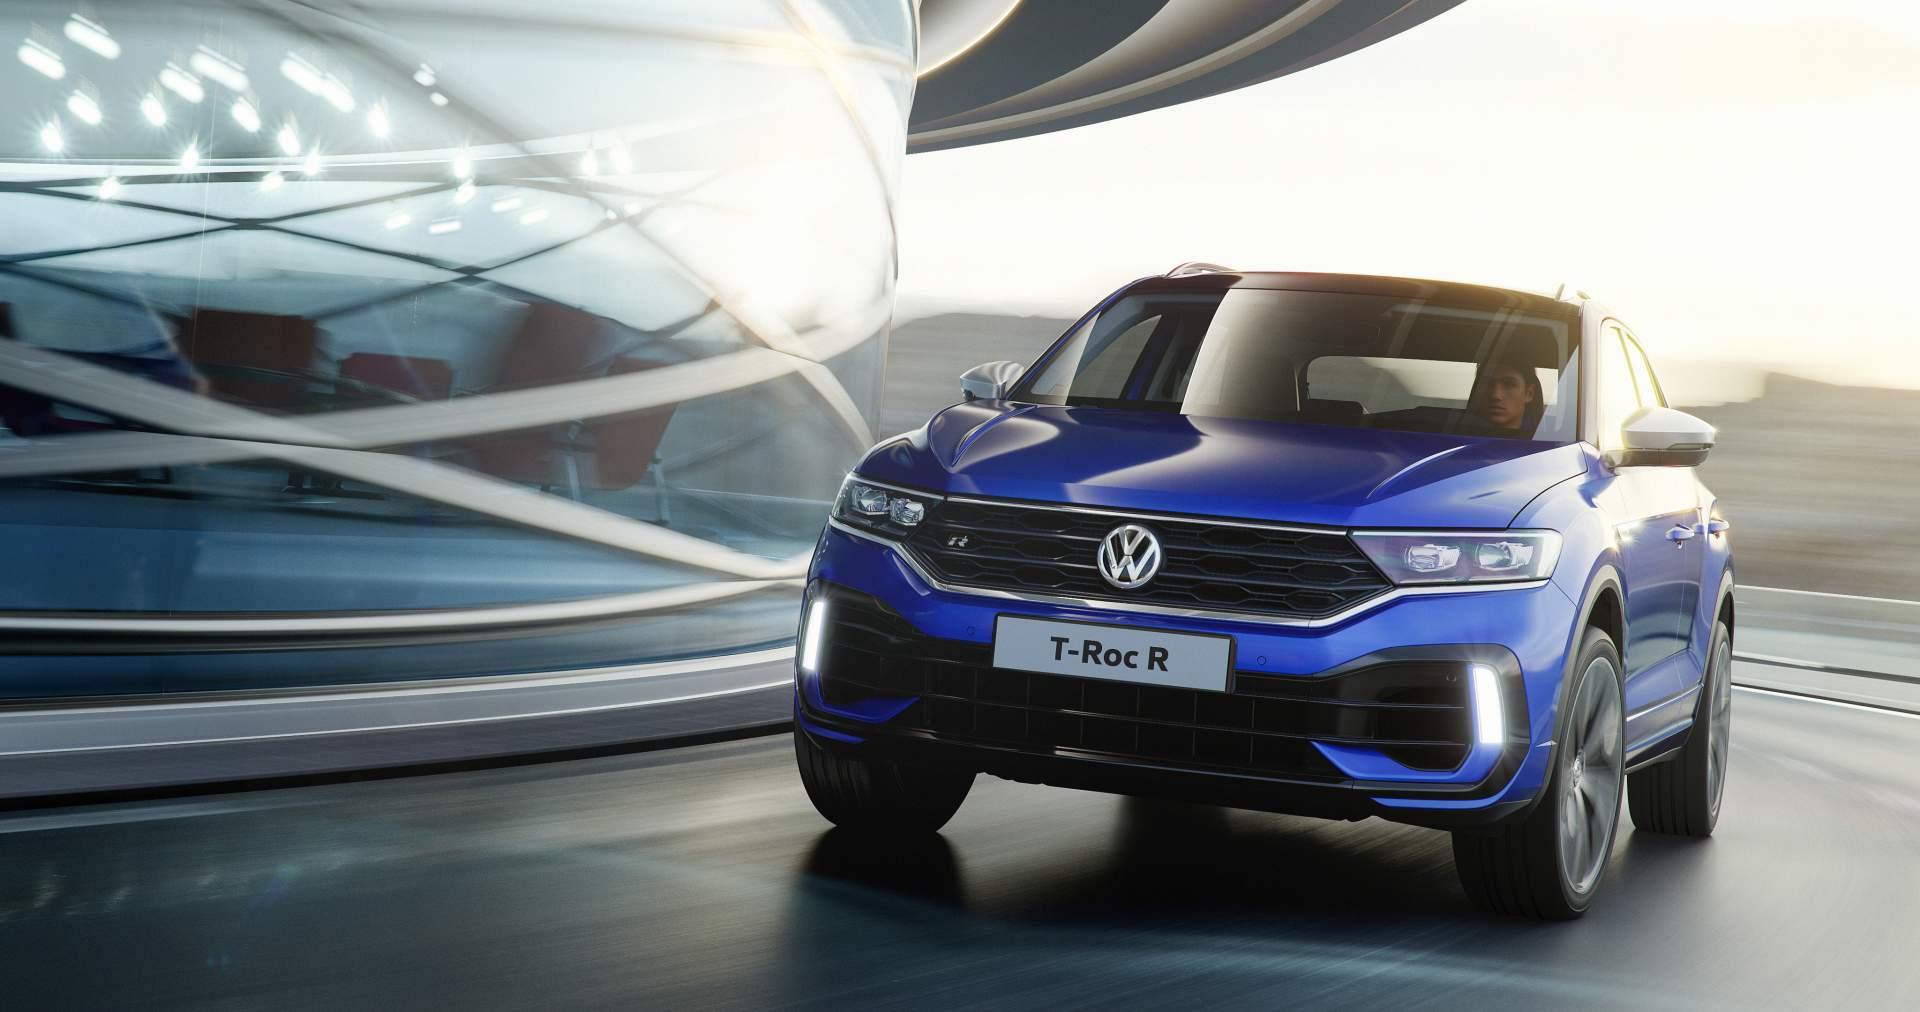 Volkswagen T-Roc R 2019 (2)